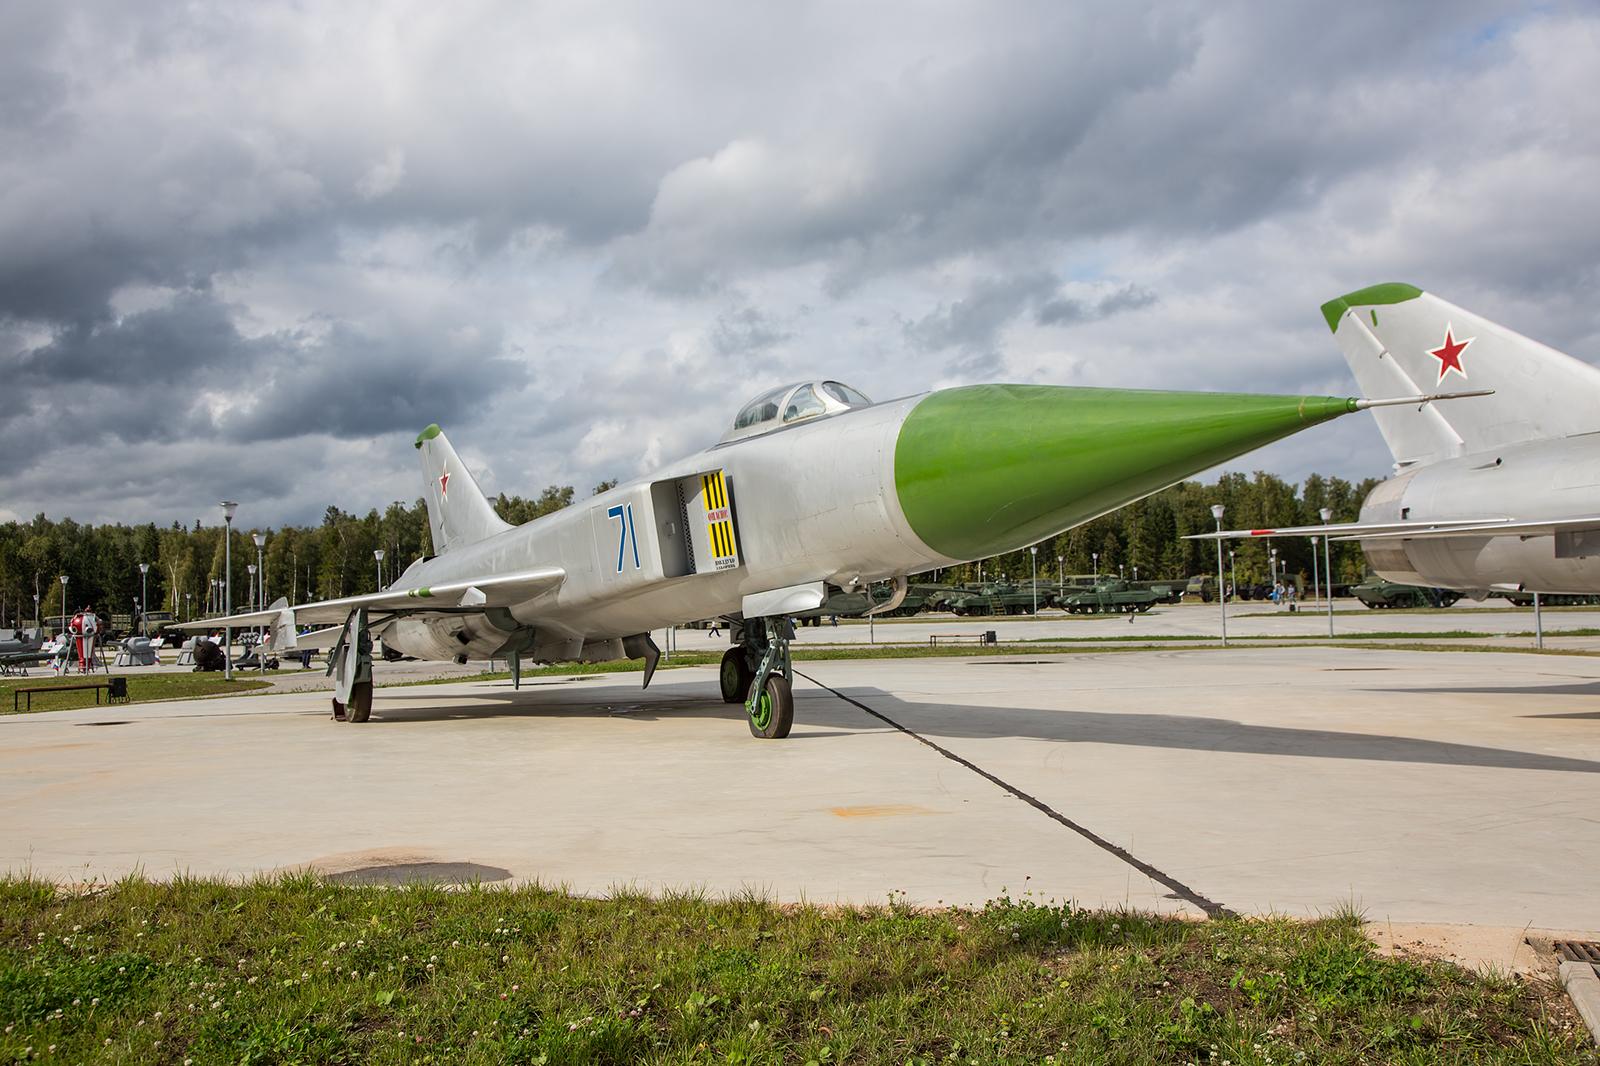 Die Sukhoi Su-15, eine Maschine dieses Typs schoß am 01. September 1983 der Korean Air-Flug KAL007 über Sachalin ab.